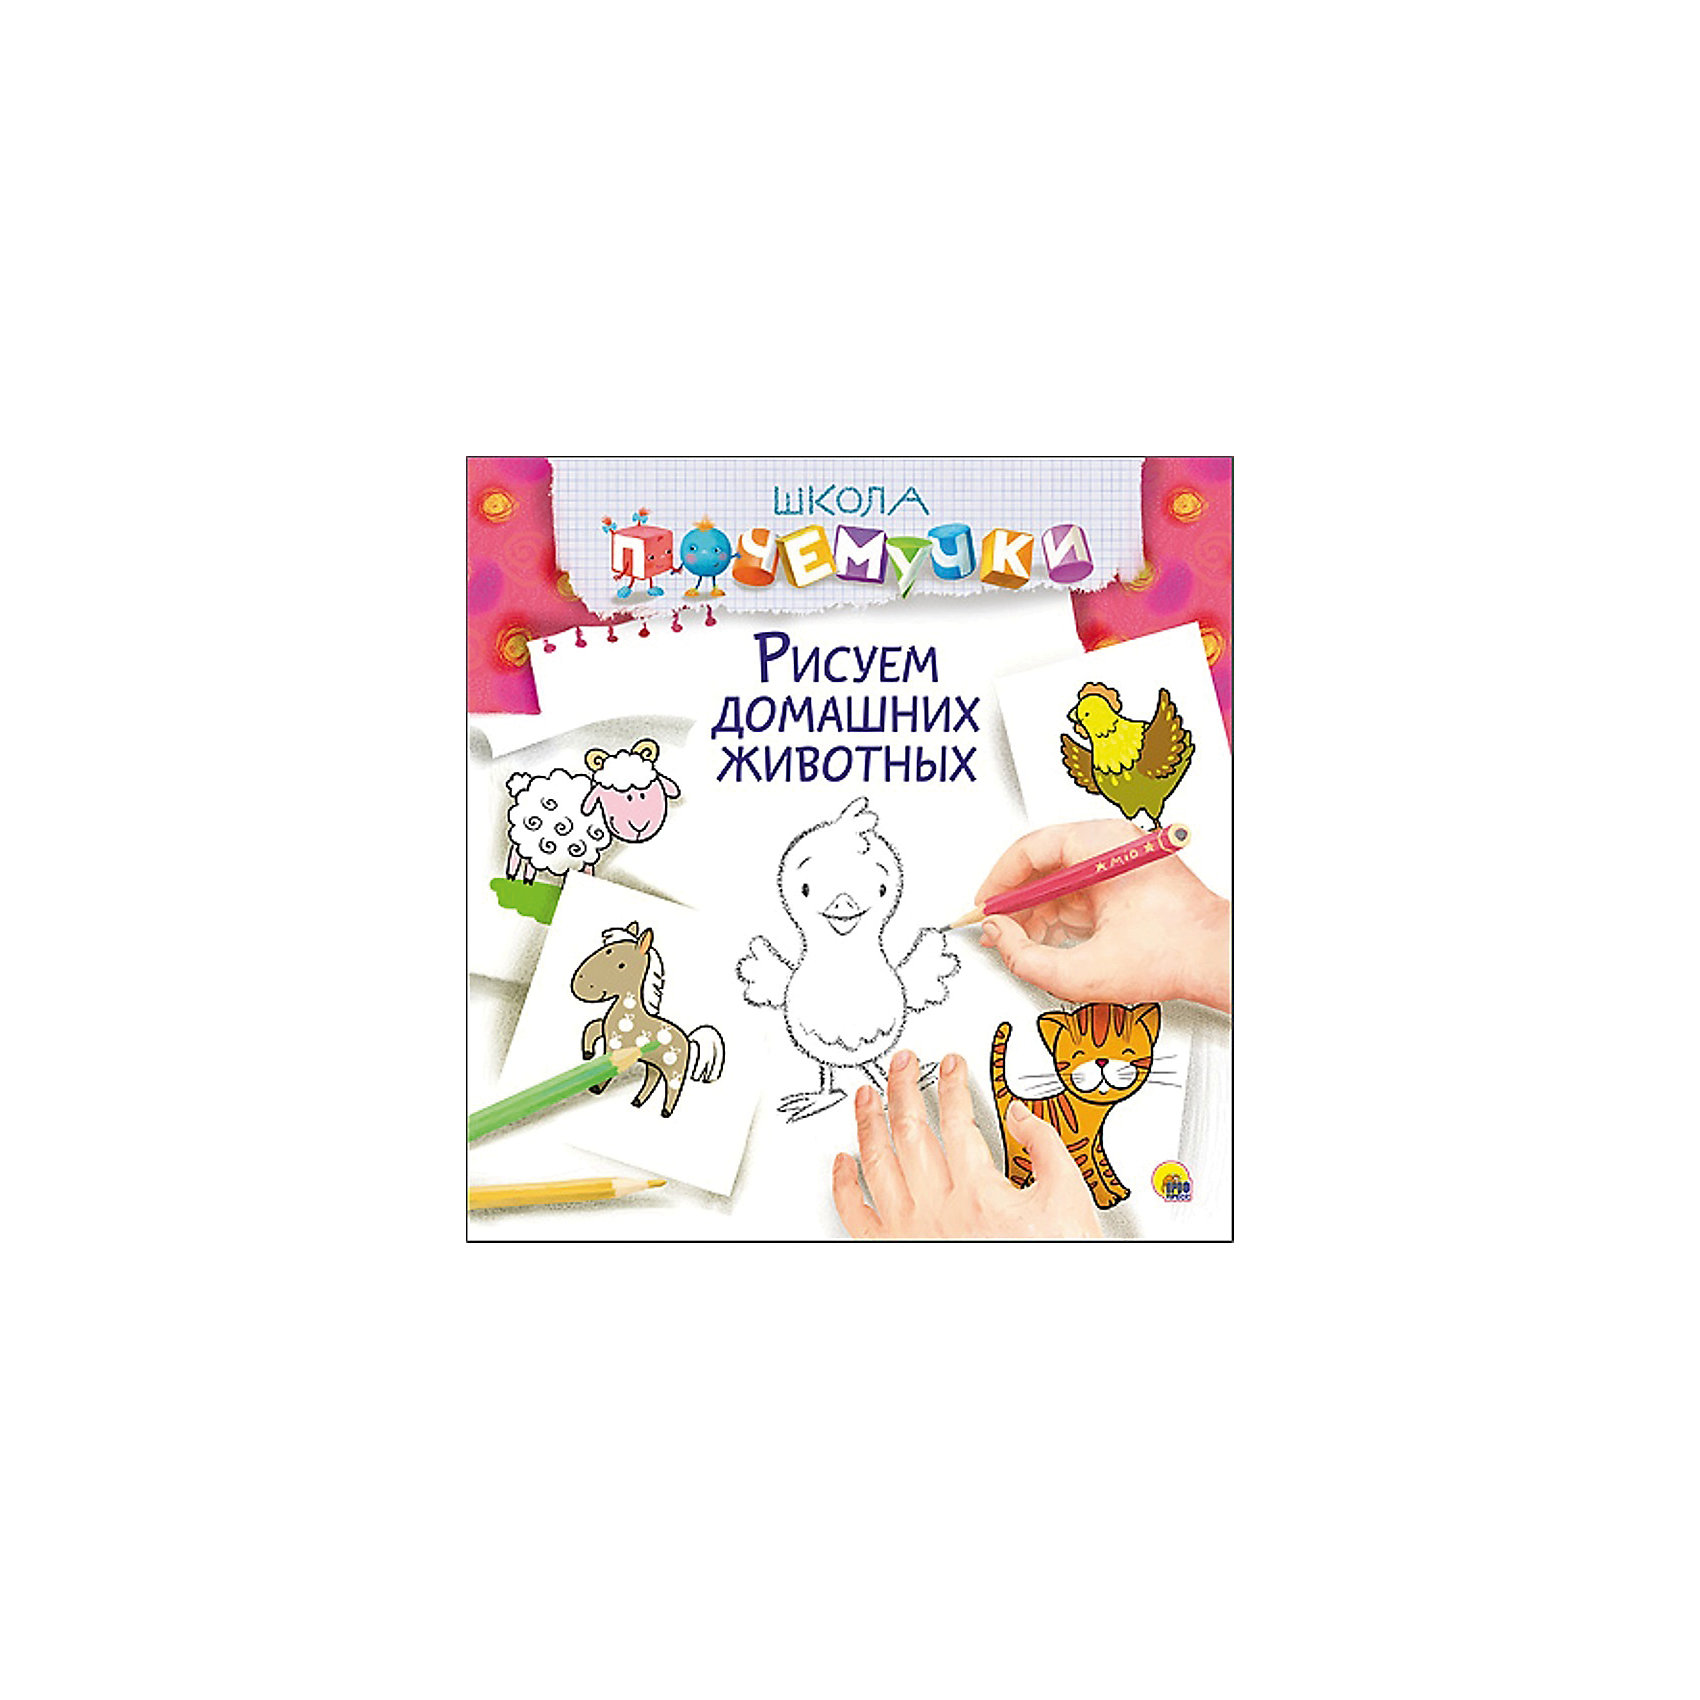 Рисуем домашних животных, Школа почемучкиКнижки с пошаговым руководством, учащие рисовать, помогают детям познавать мир и учиться многим вещам, а также позволяют ребенку весело проводить время. Эти издания стимулируют развитие мелкой моторики, воображения, логики и творческого мышления, помогают формированию художественных навыков в раннем возрасте.<br>Данная книга содержит множество вариантов картинок, которые можно нарисовать малышу, повторяя простые линии! Такое занятие обязательно понравится ребенку и позволит надолго занять непоседу!<br>  <br>Дополнительная информация:<br><br>страниц: 32; <br>размер: 277x278x2 мм;<br>вес: 131 г.<br><br>Книгу Школа почемучки. Рисуем домашних животных от издательства Проф-Пресс можно купить в нашем магазине.<br><br>Ширина мм: 275<br>Глубина мм: 4<br>Высота мм: 280<br>Вес г: 131<br>Возраст от месяцев: 36<br>Возраст до месяцев: 120<br>Пол: Унисекс<br>Возраст: Детский<br>SKU: 4787226